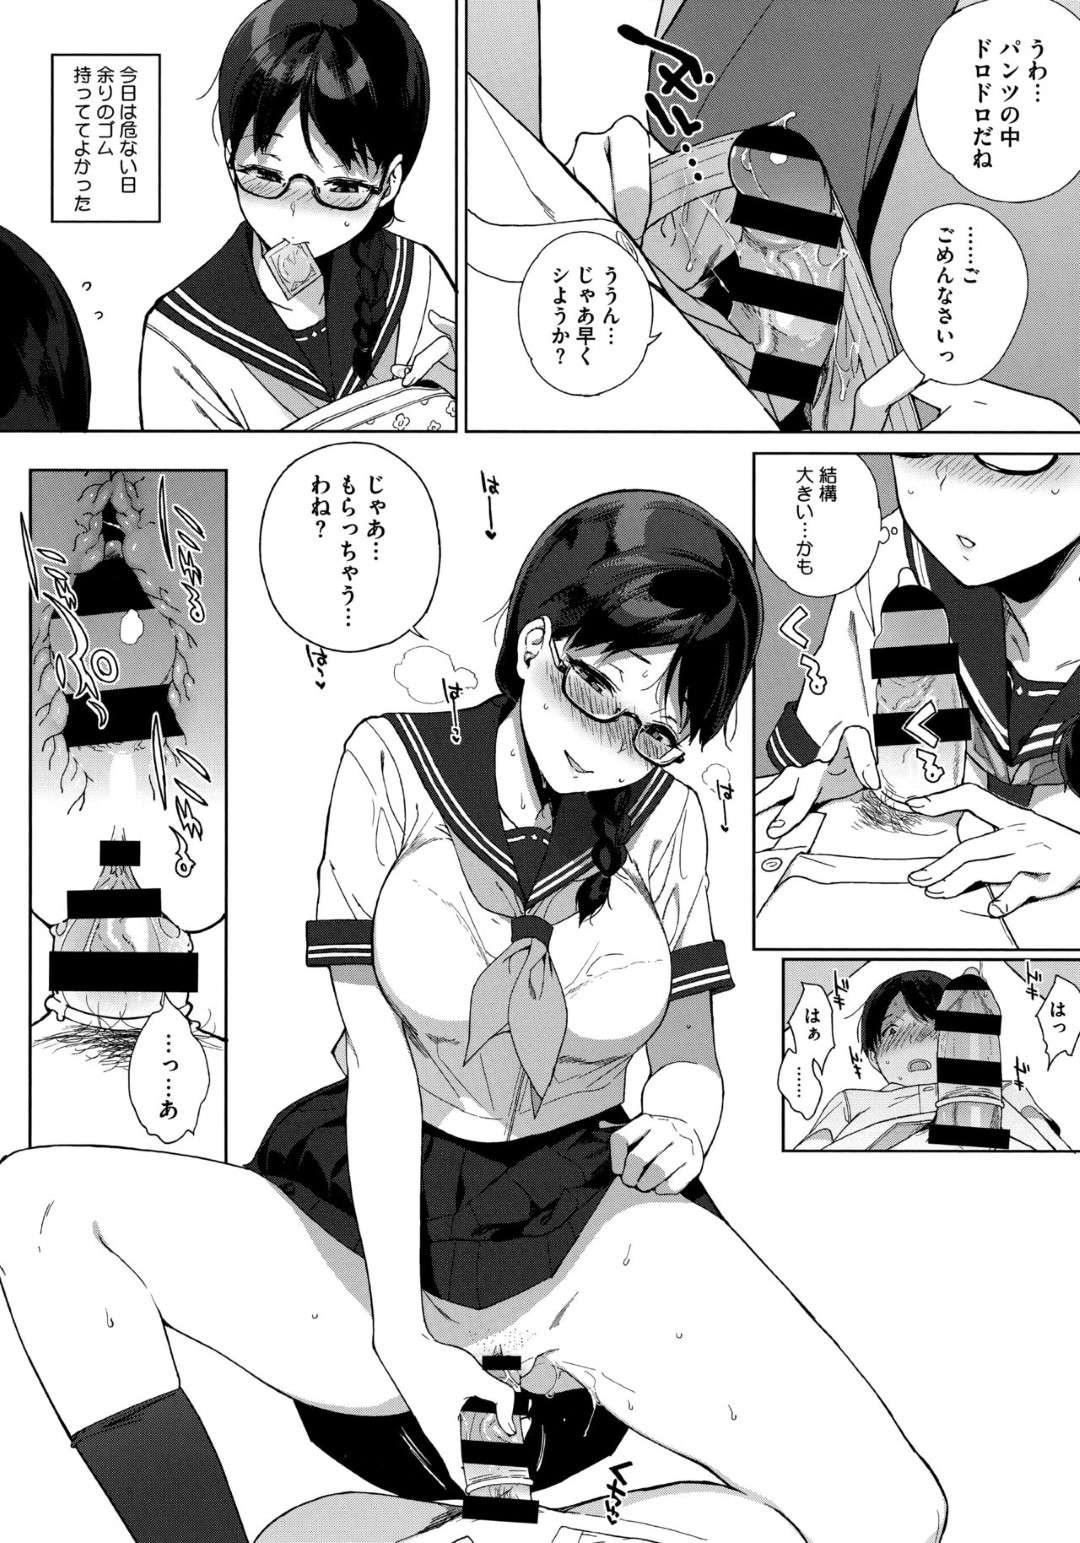 【エロ漫画】気弱な年下男子を誘惑してエッチに持ち込む清楚JKは、生ハメセックスまでもしてしまう!【笹森トモエ/放課後の優等生〜瀬田さんの場合〜】